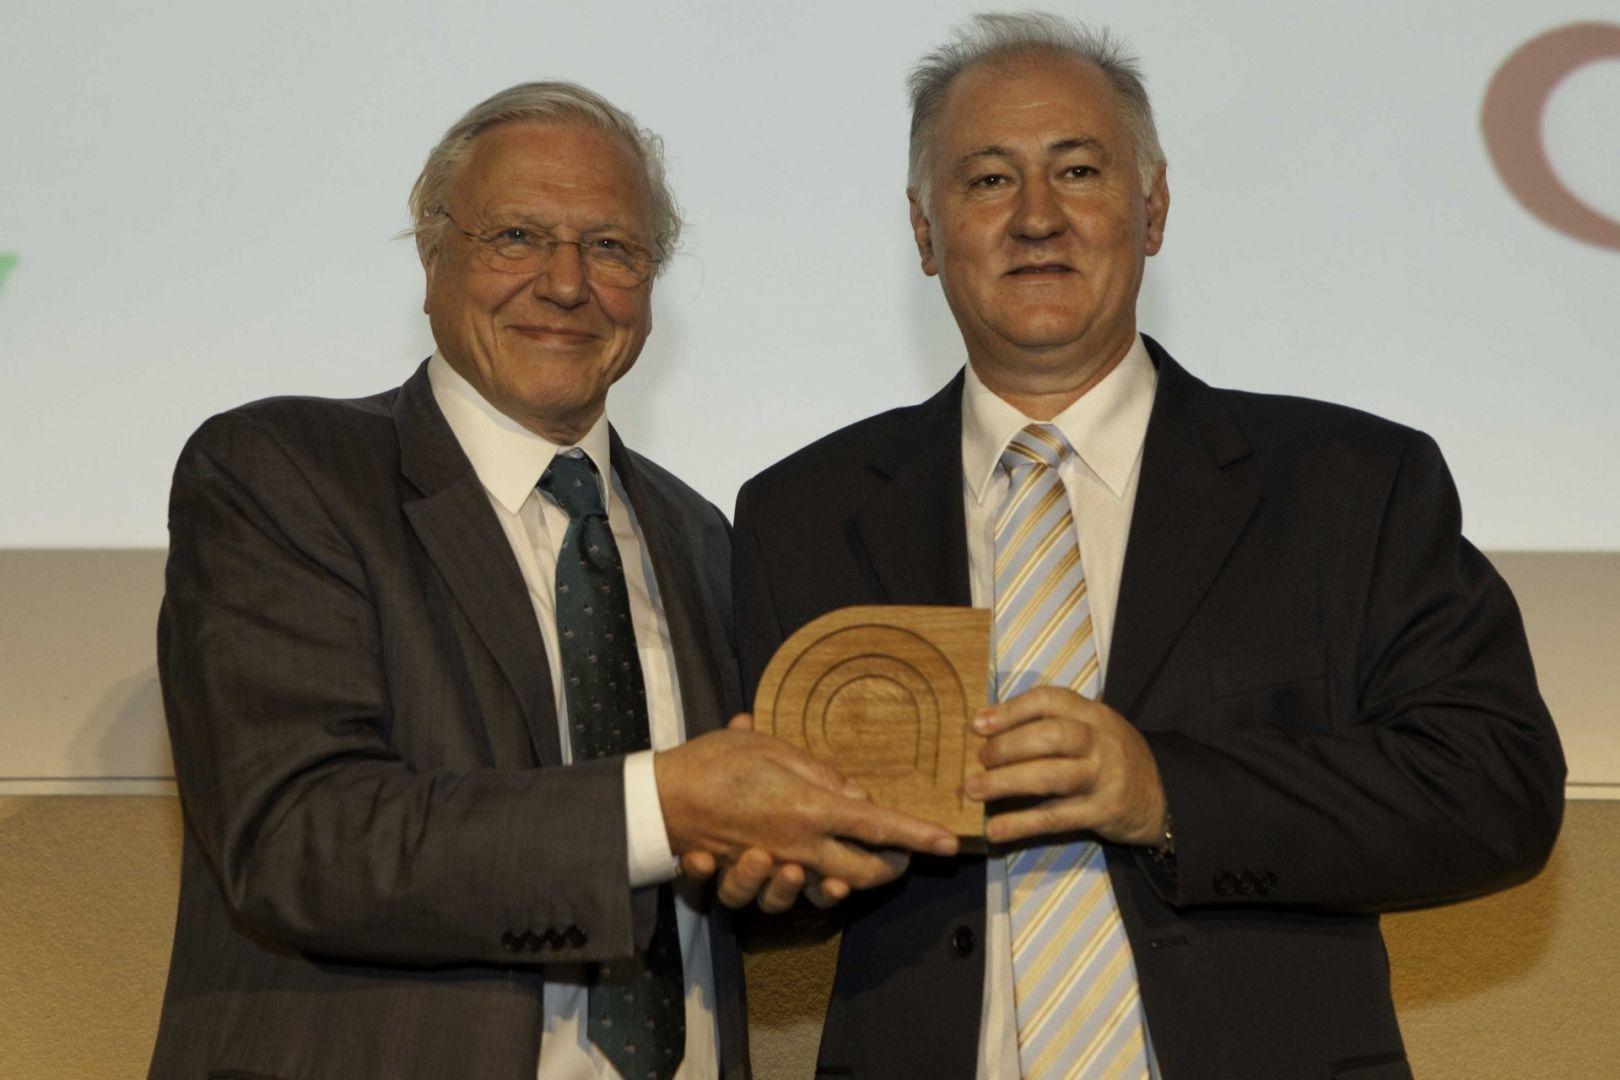 Foto tirada em 01 de julho de 2010 na entrega do Prêmio Internacional de Ecologia Ashden Awards – Londres-Inglaterra